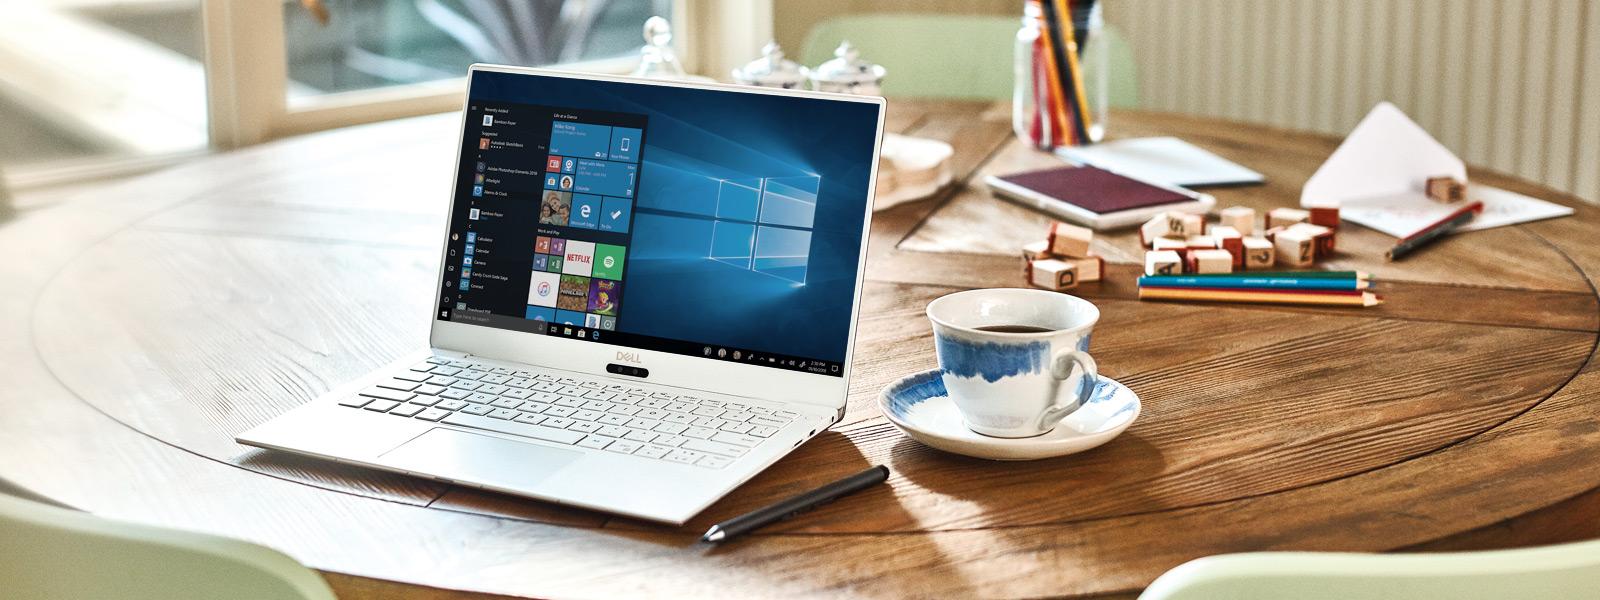 Pöydällä avattu Dell XPS 13 9370, jossa näkyy Windows 10 -aloitusnäyttö.